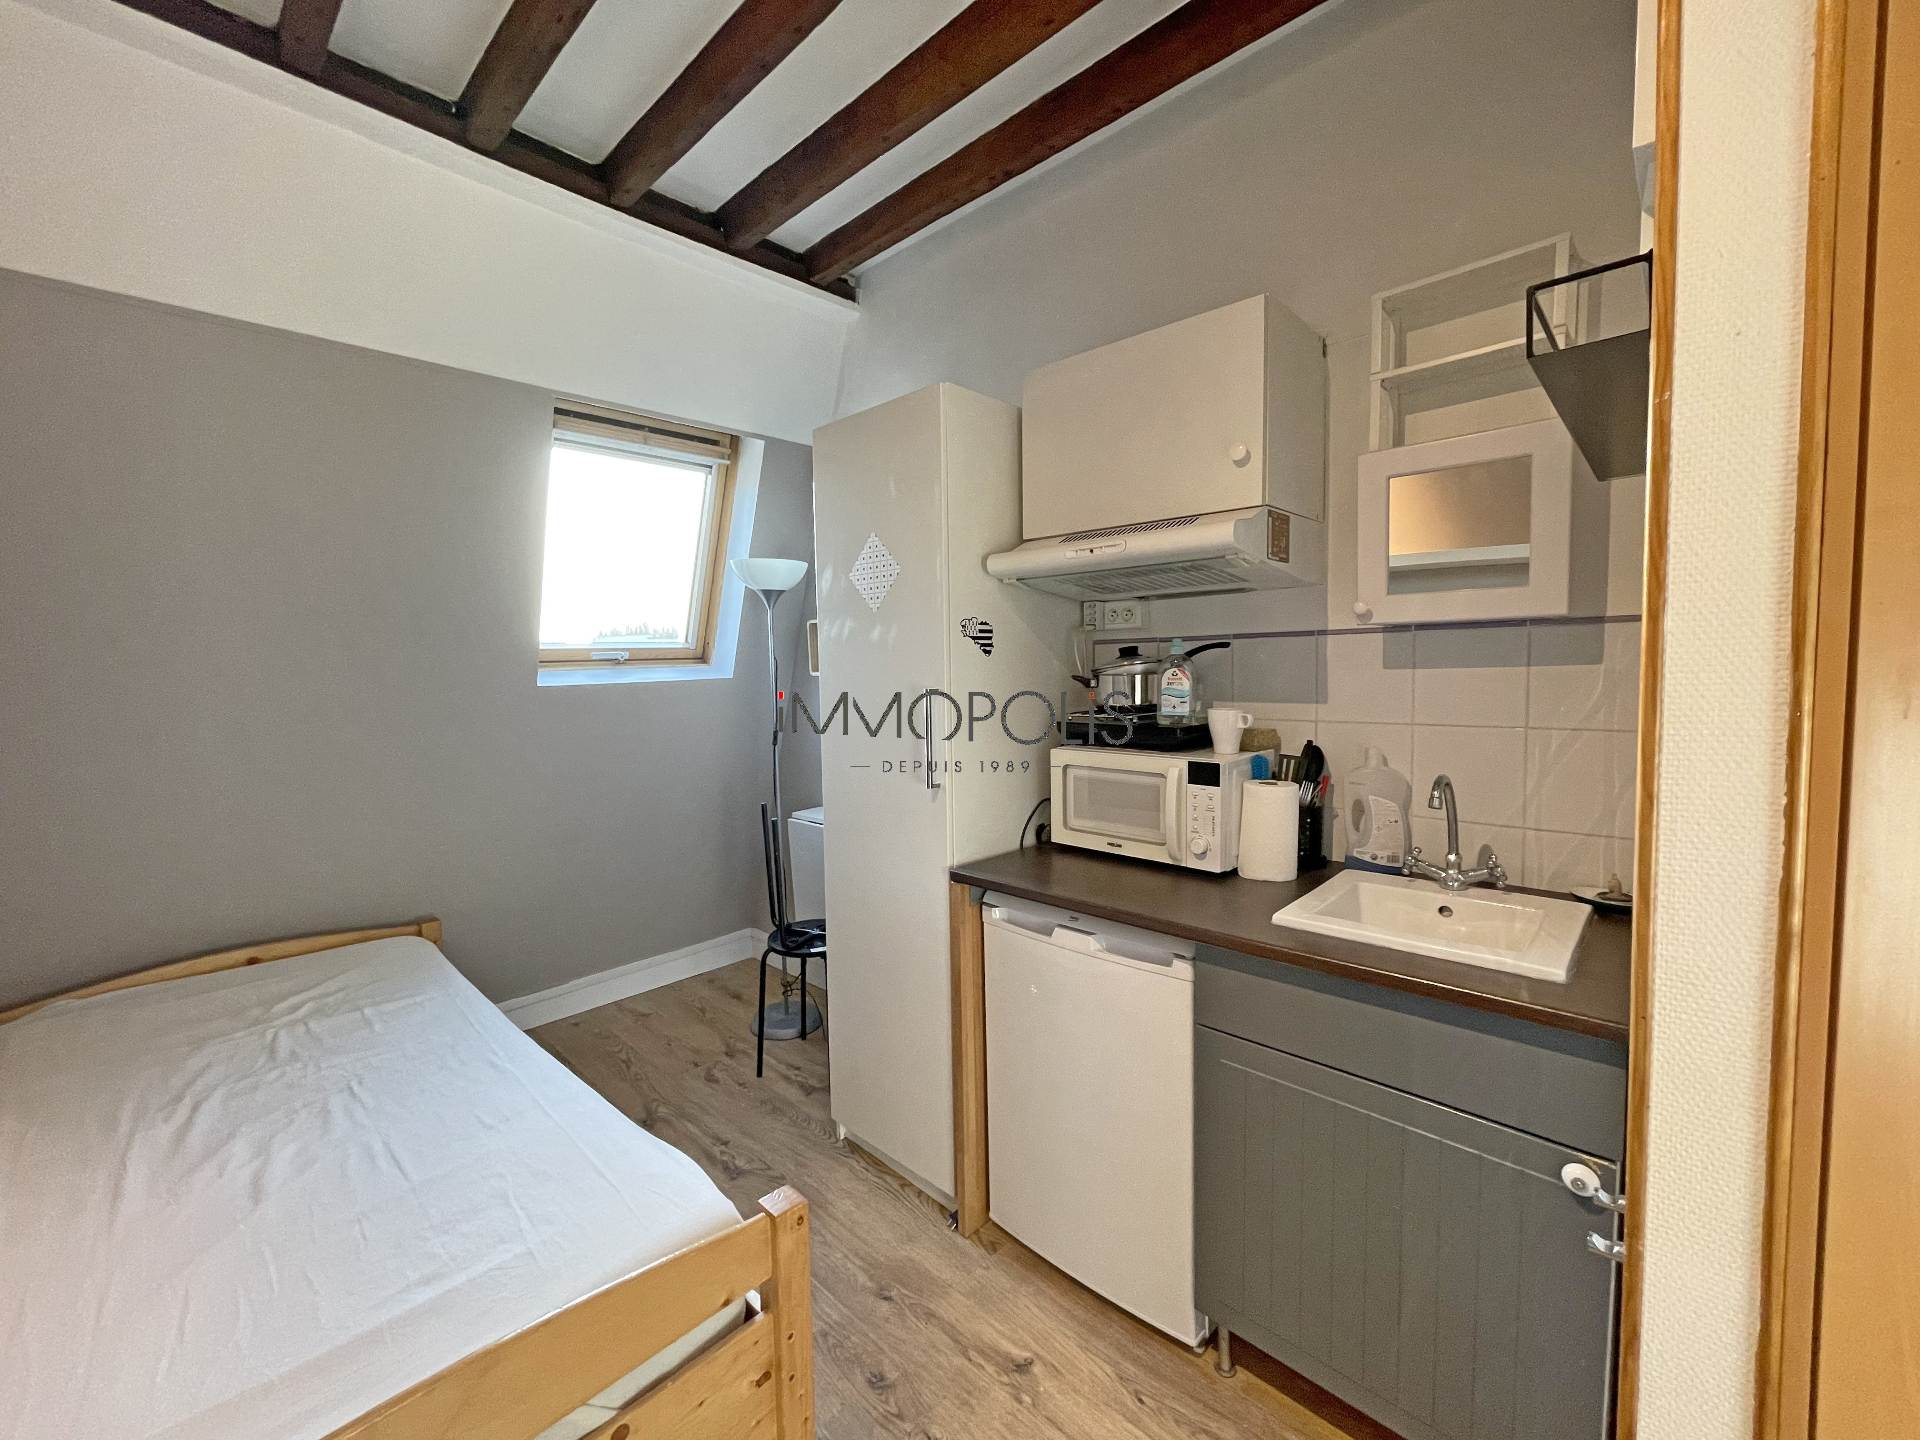 Quartier Europe (rue Clapeyron dans le 8ème arrondissement), studio louable légalement de 9,88 M² loi Carrez situé dans un magnifique immeuble bien entretenu 4